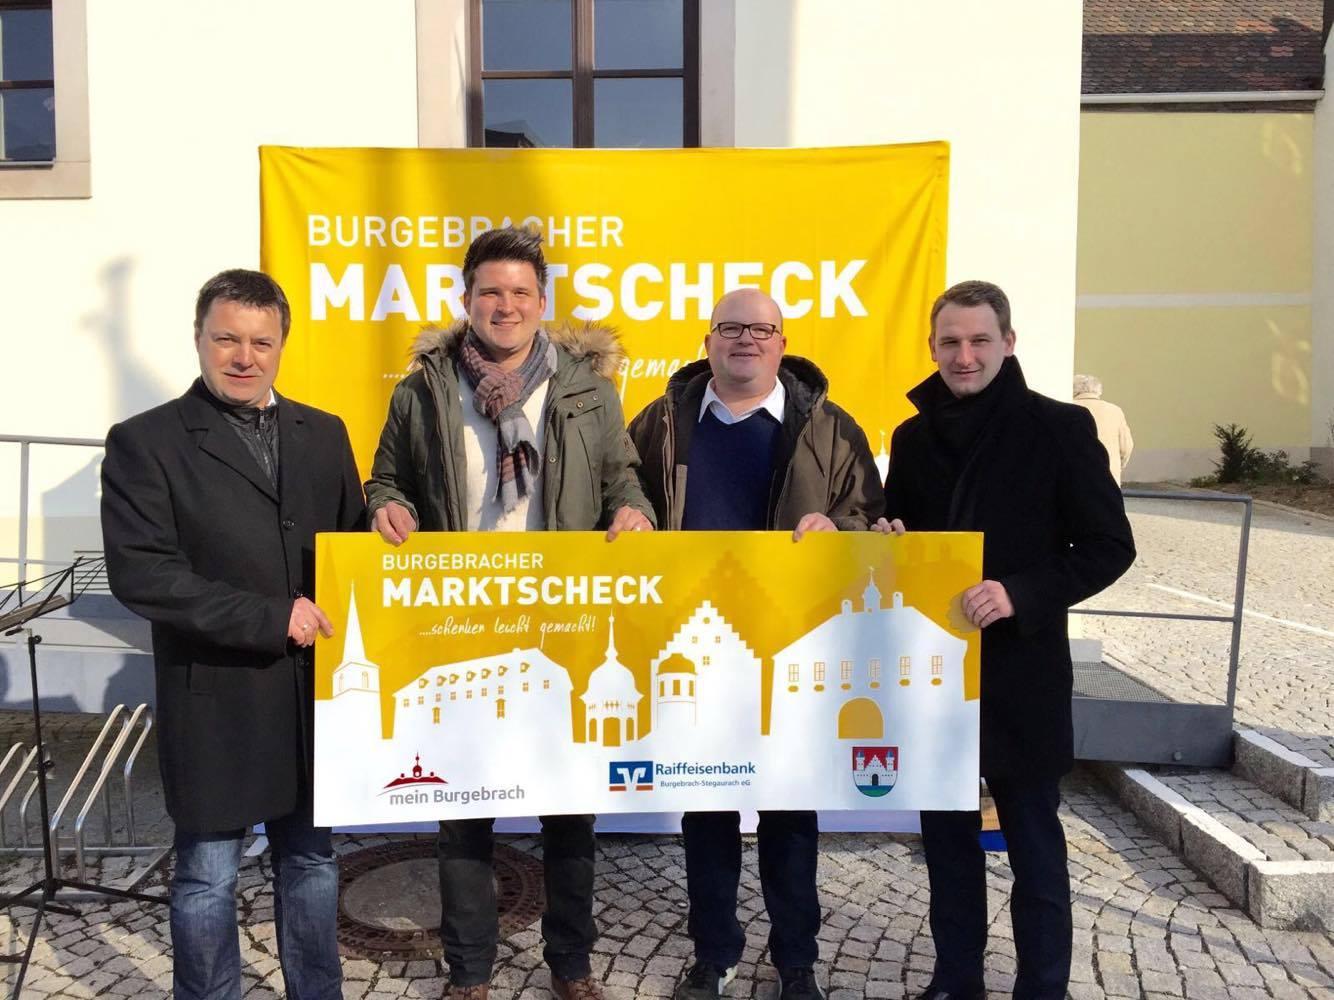 Auf dem Burgebracher Frühjahrsmarkt 2016 wurde die offizielle Einführung des Burgebracher Marktschecks gefeiert! v.l.n.r.: Peter Pfohlmann (2. Bürgermeister Markt Burgebrach), Stefan Mohr (Projektleiter meinBurgebrach.de), Markus Dürrbeck (Vertreter Raiffeisenbank Burgebrach-Stegaurach) und Johannes Maciejonczyk (1. Bürgermeister, Markt Burgebrach).